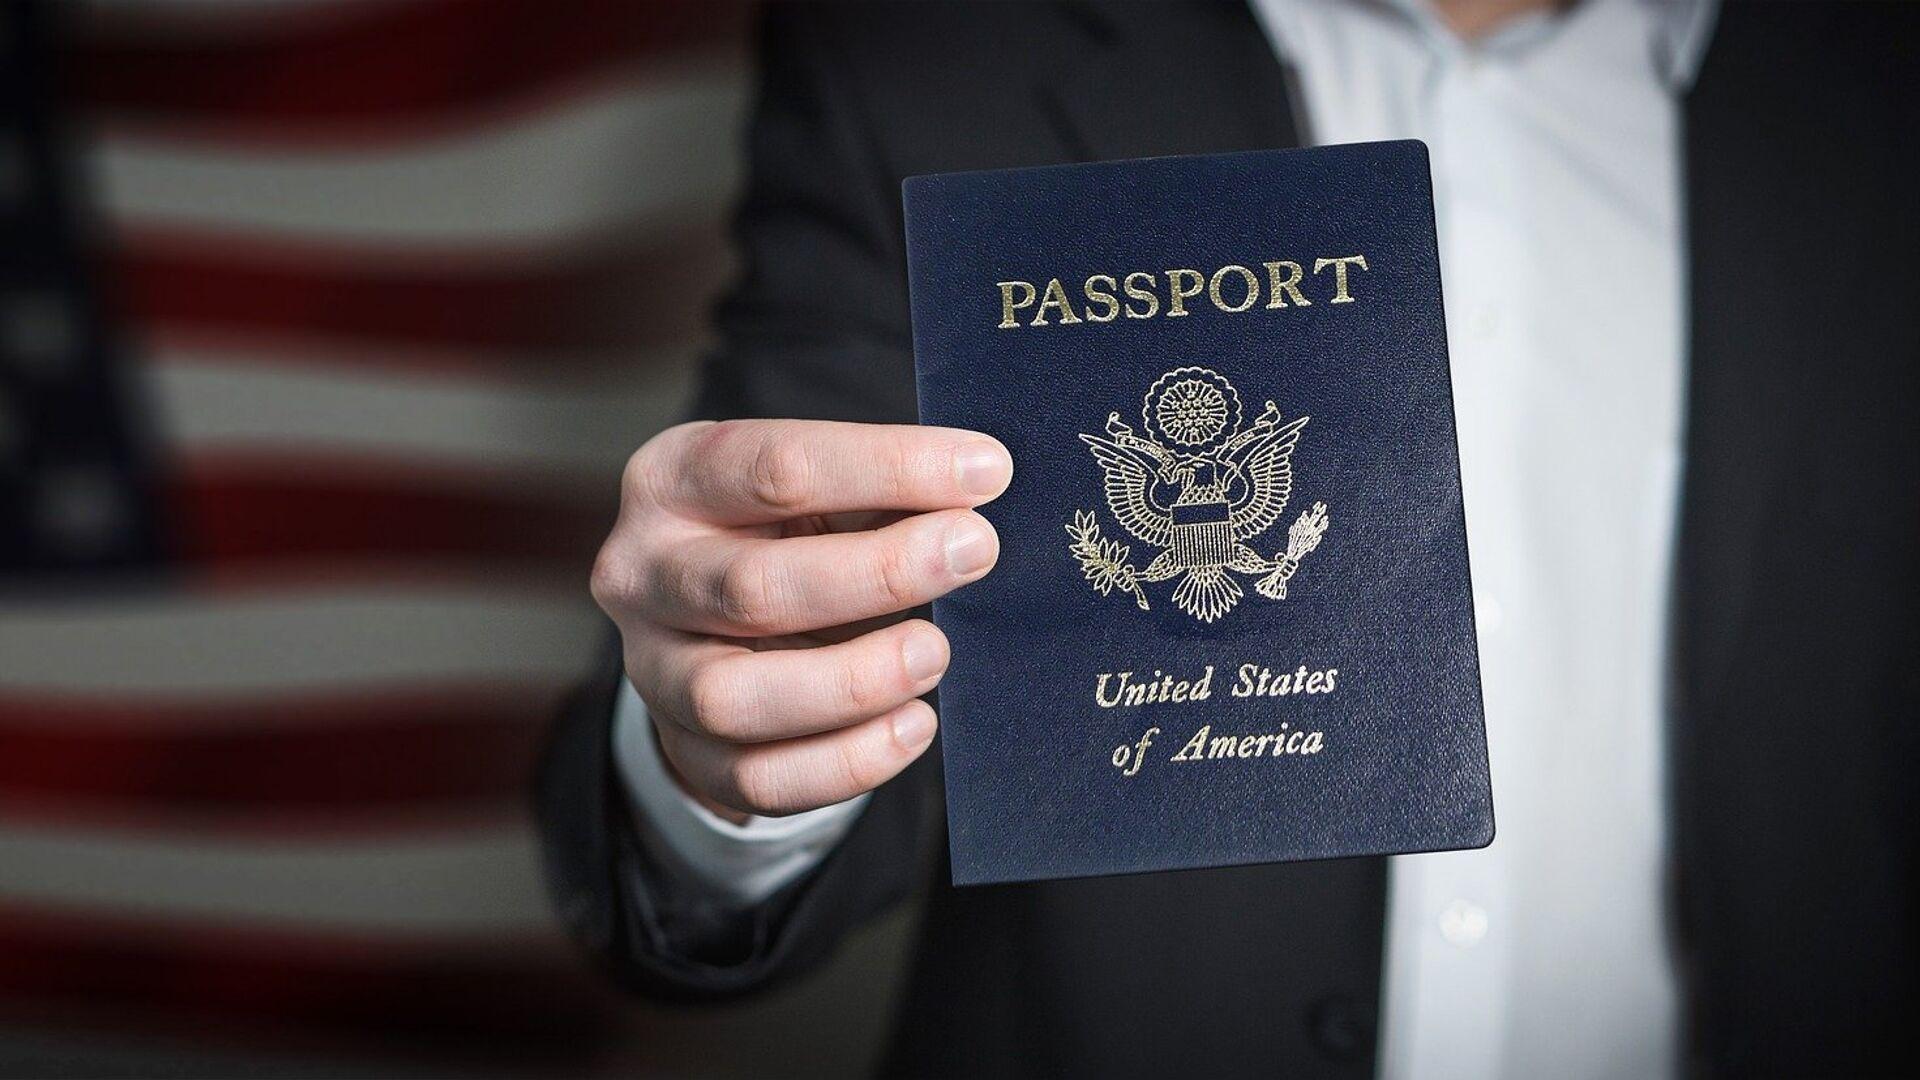 Pasaporte de EEUU  - Sputnik Mundo, 1920, 22.08.2021